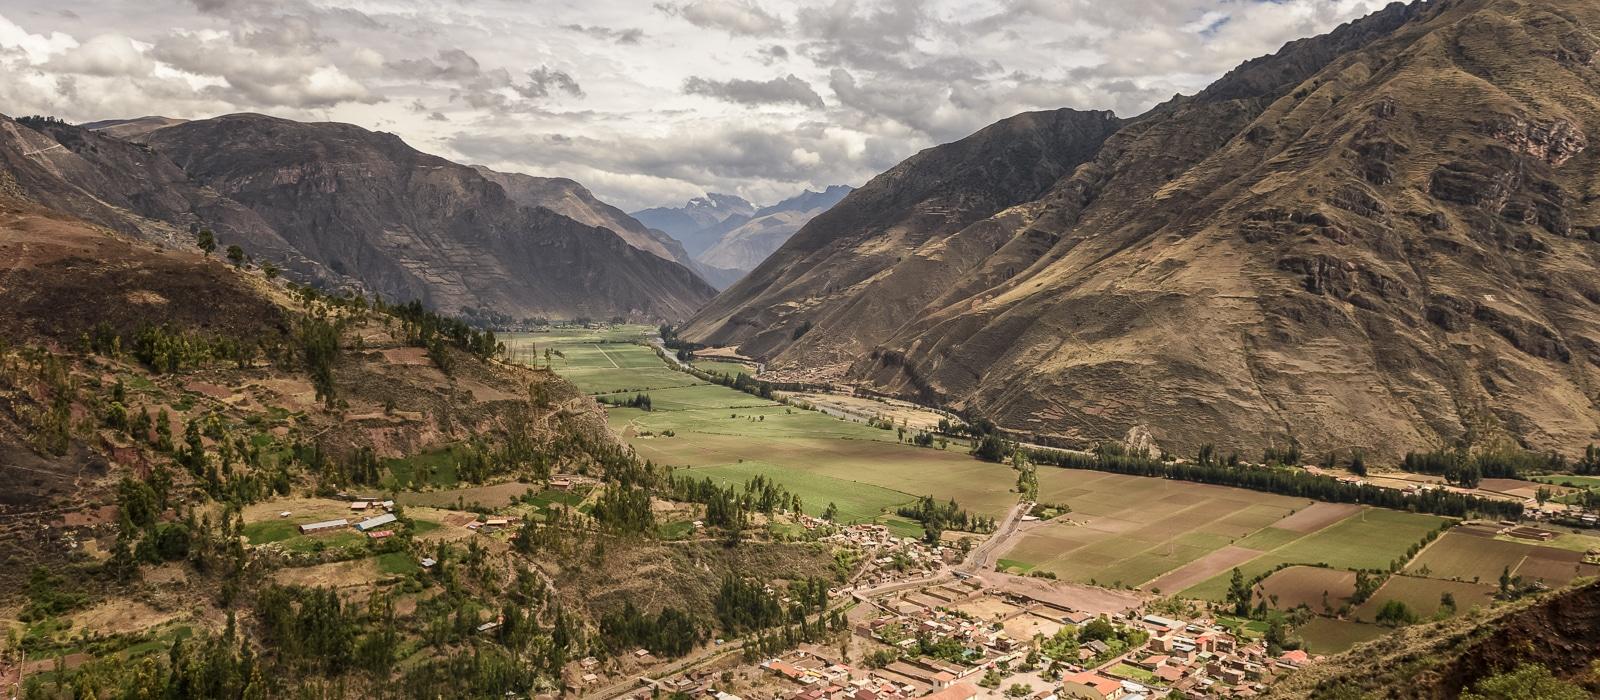 Vallée Sacrée, Pérou - Voyage organisé en petit groupe offert par l'agence de voyage Les routes du Monde